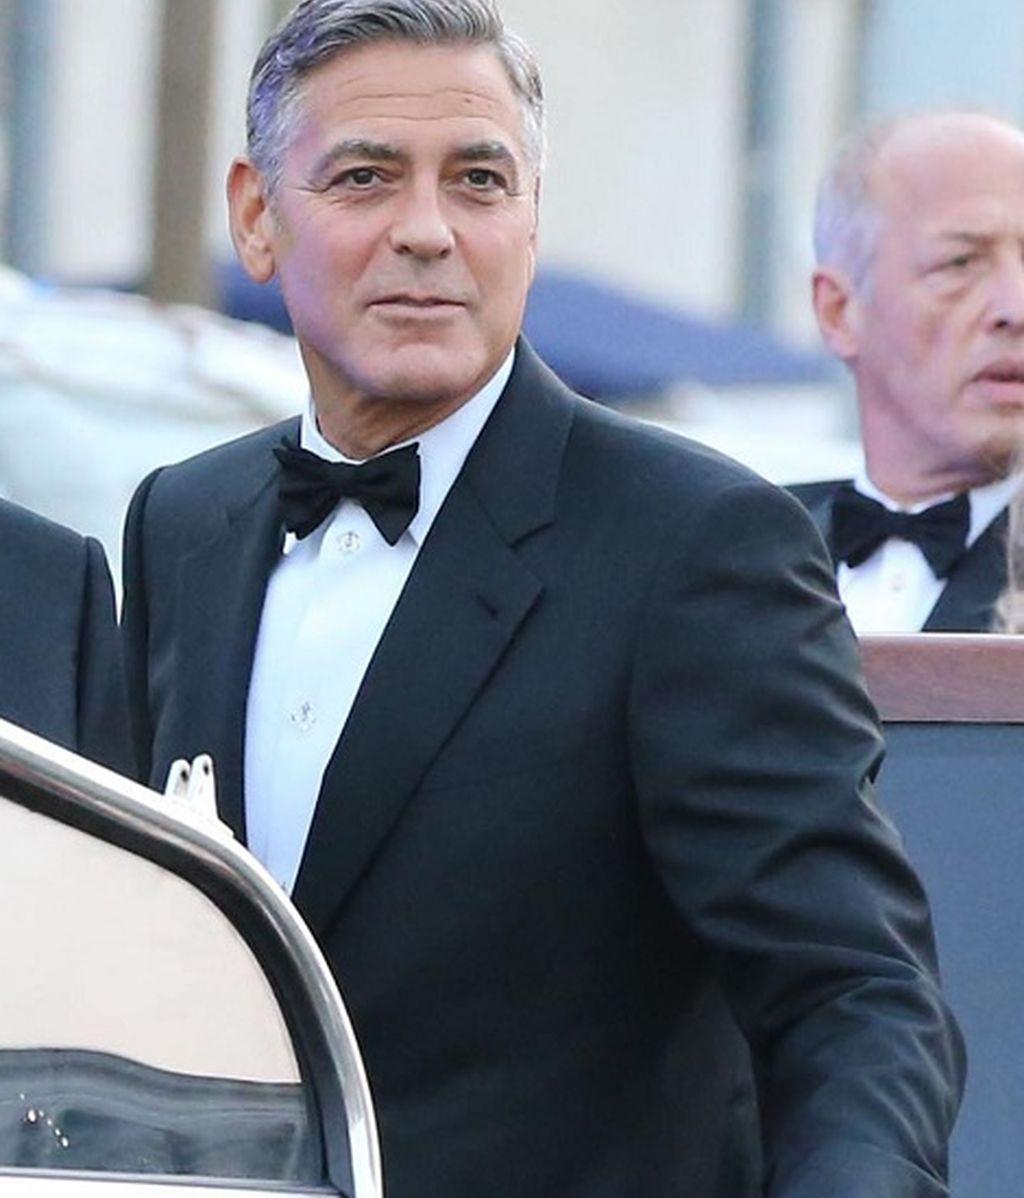 George Clooney instantes antes de pronunciar el 'sí, quiero'